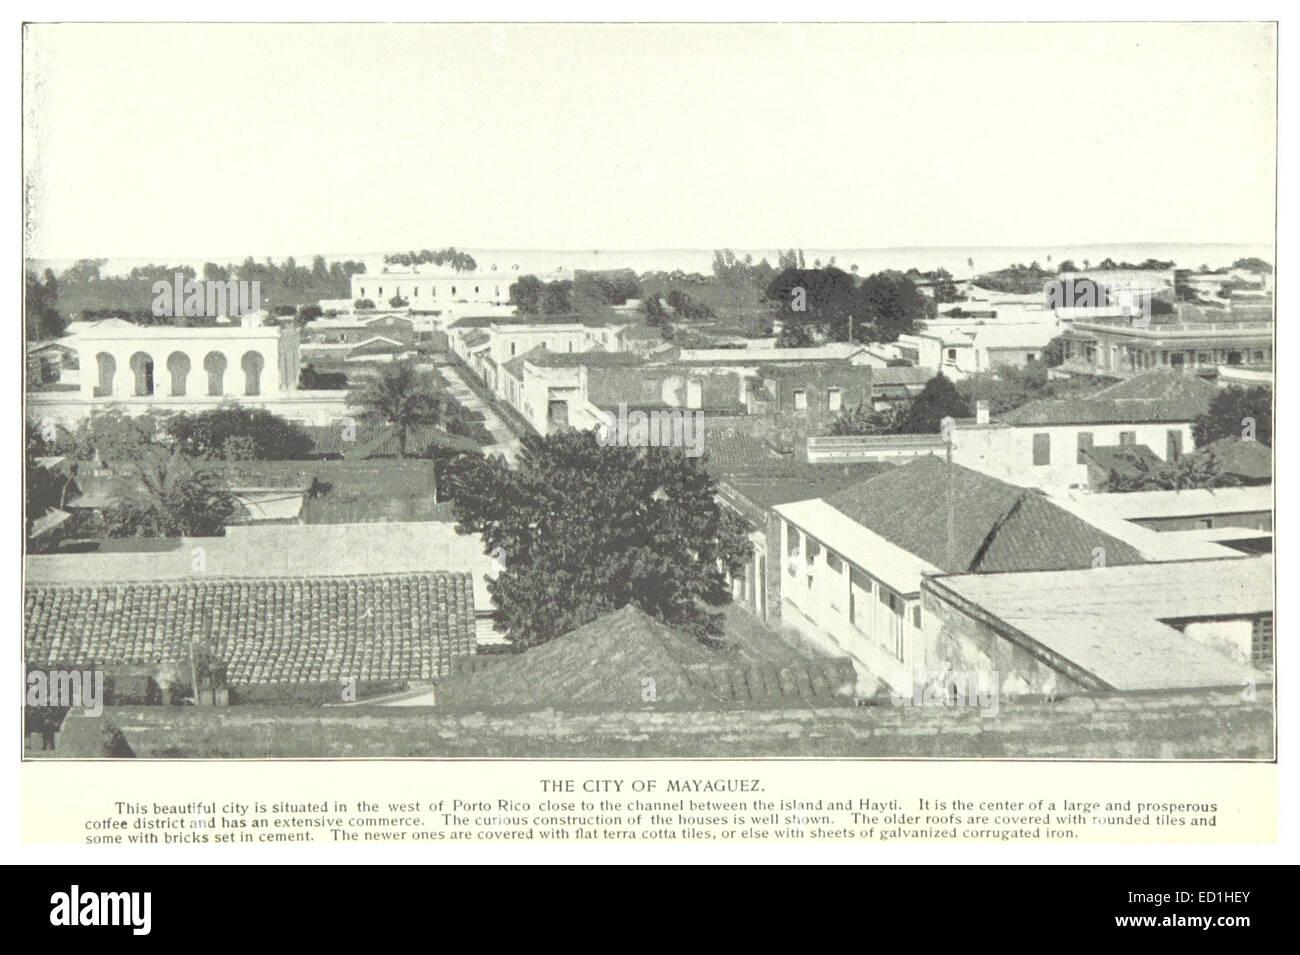 The city of Mayaguez - Stock Image